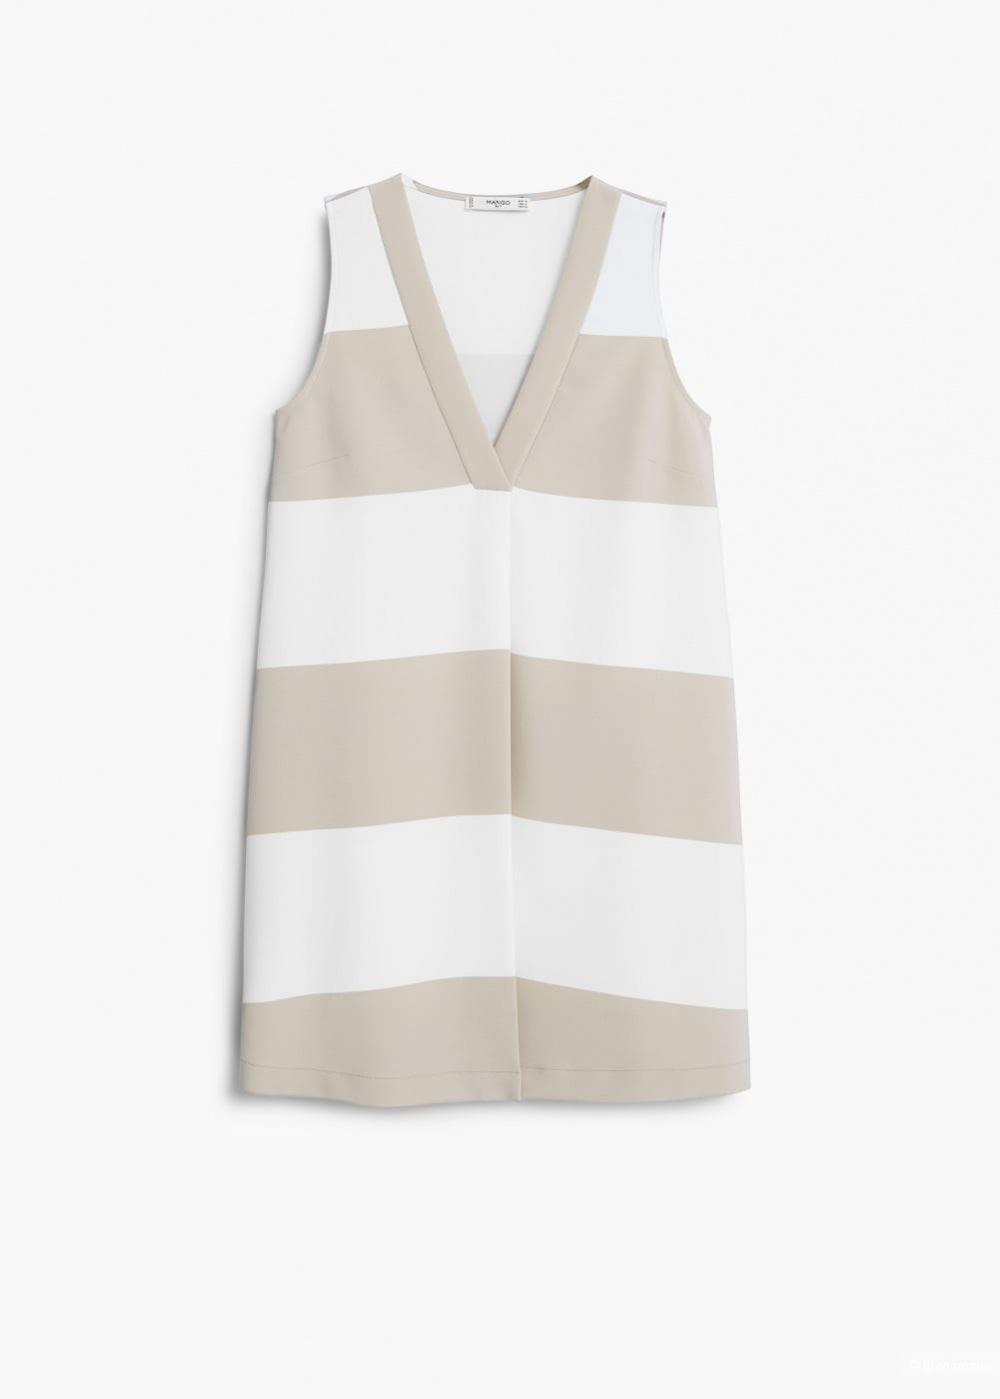 MANGO SUIT, M : платье свободного фасона